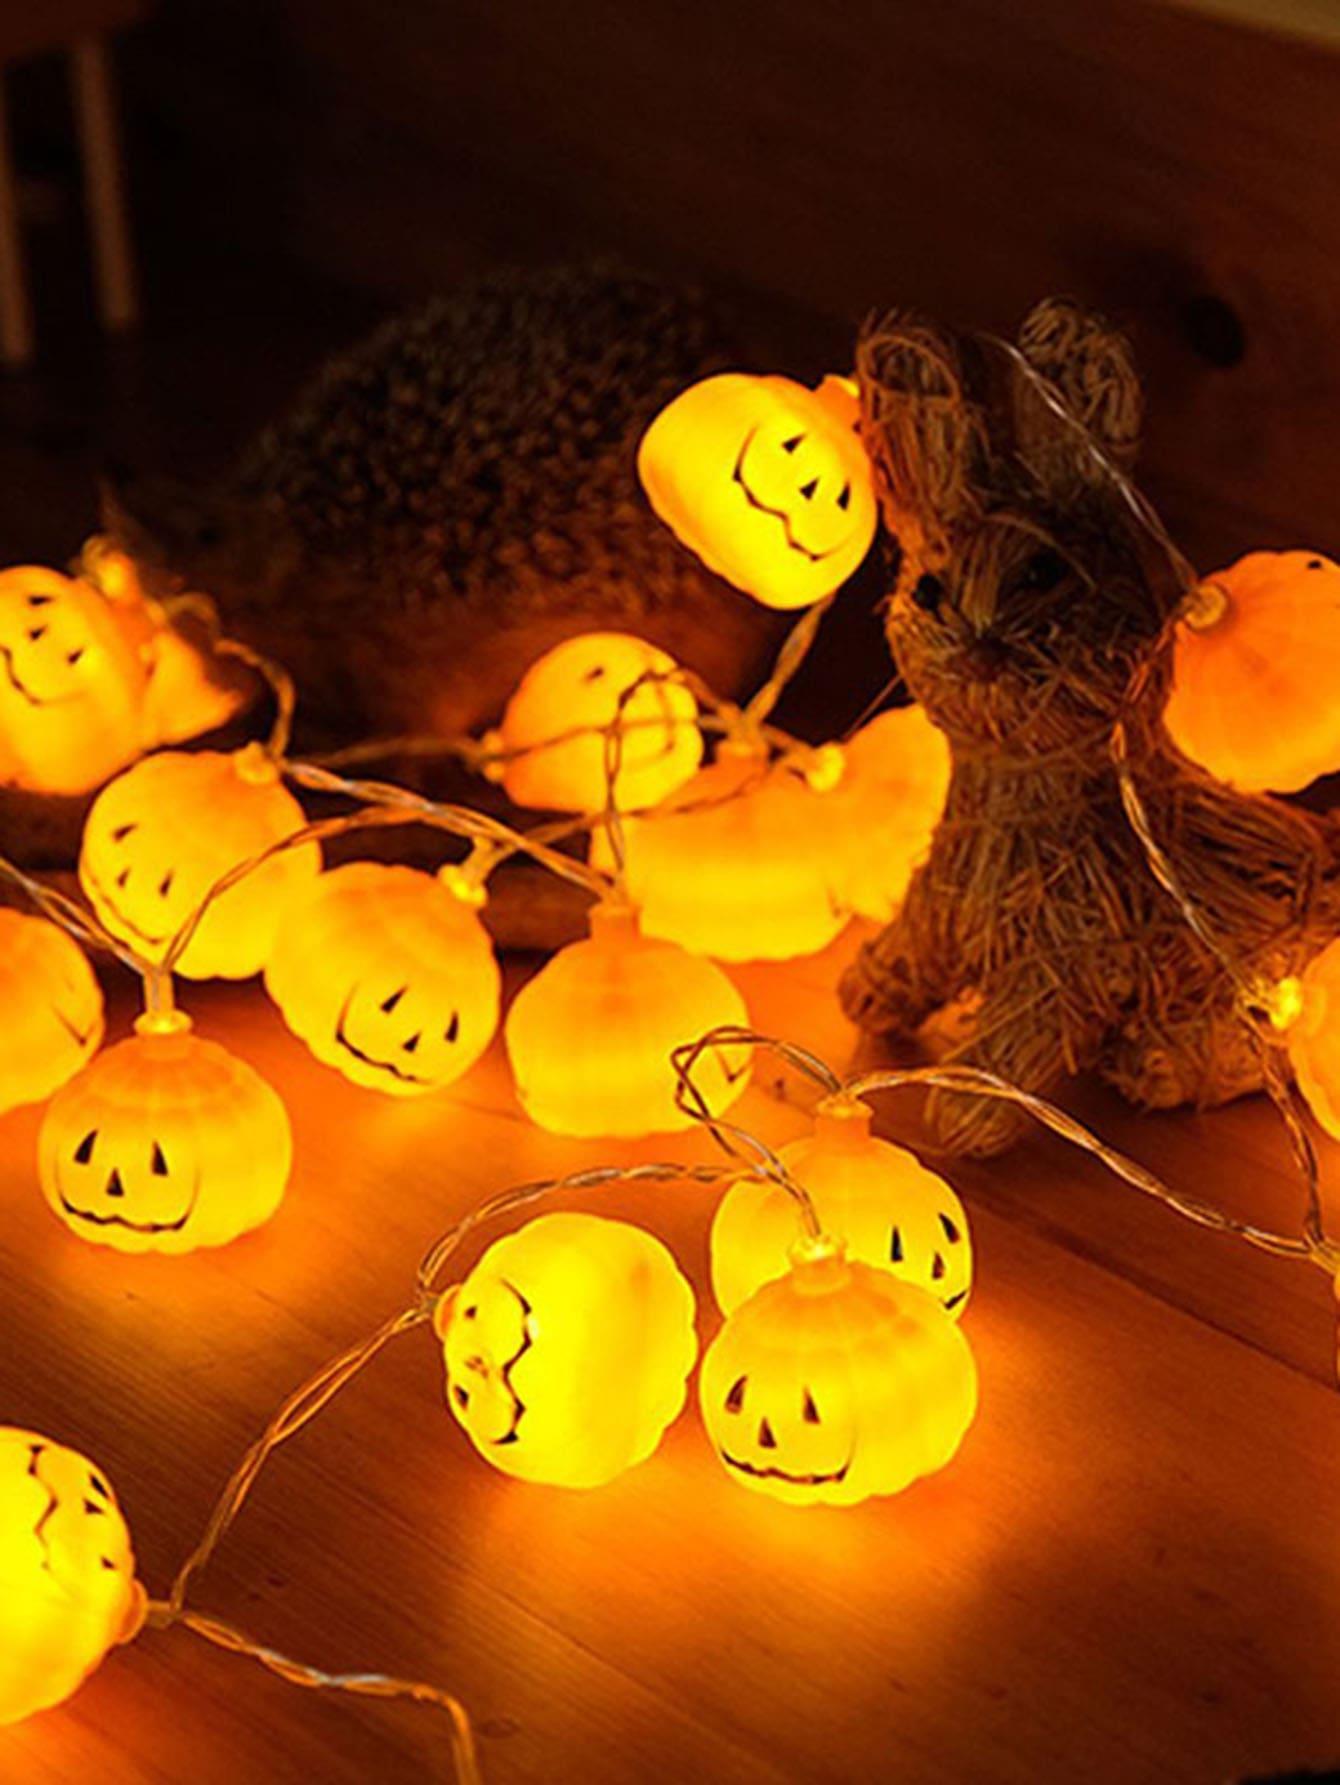 Купить 3M нижемый свет и лампочка в форме тыквы 12V, null, SheIn